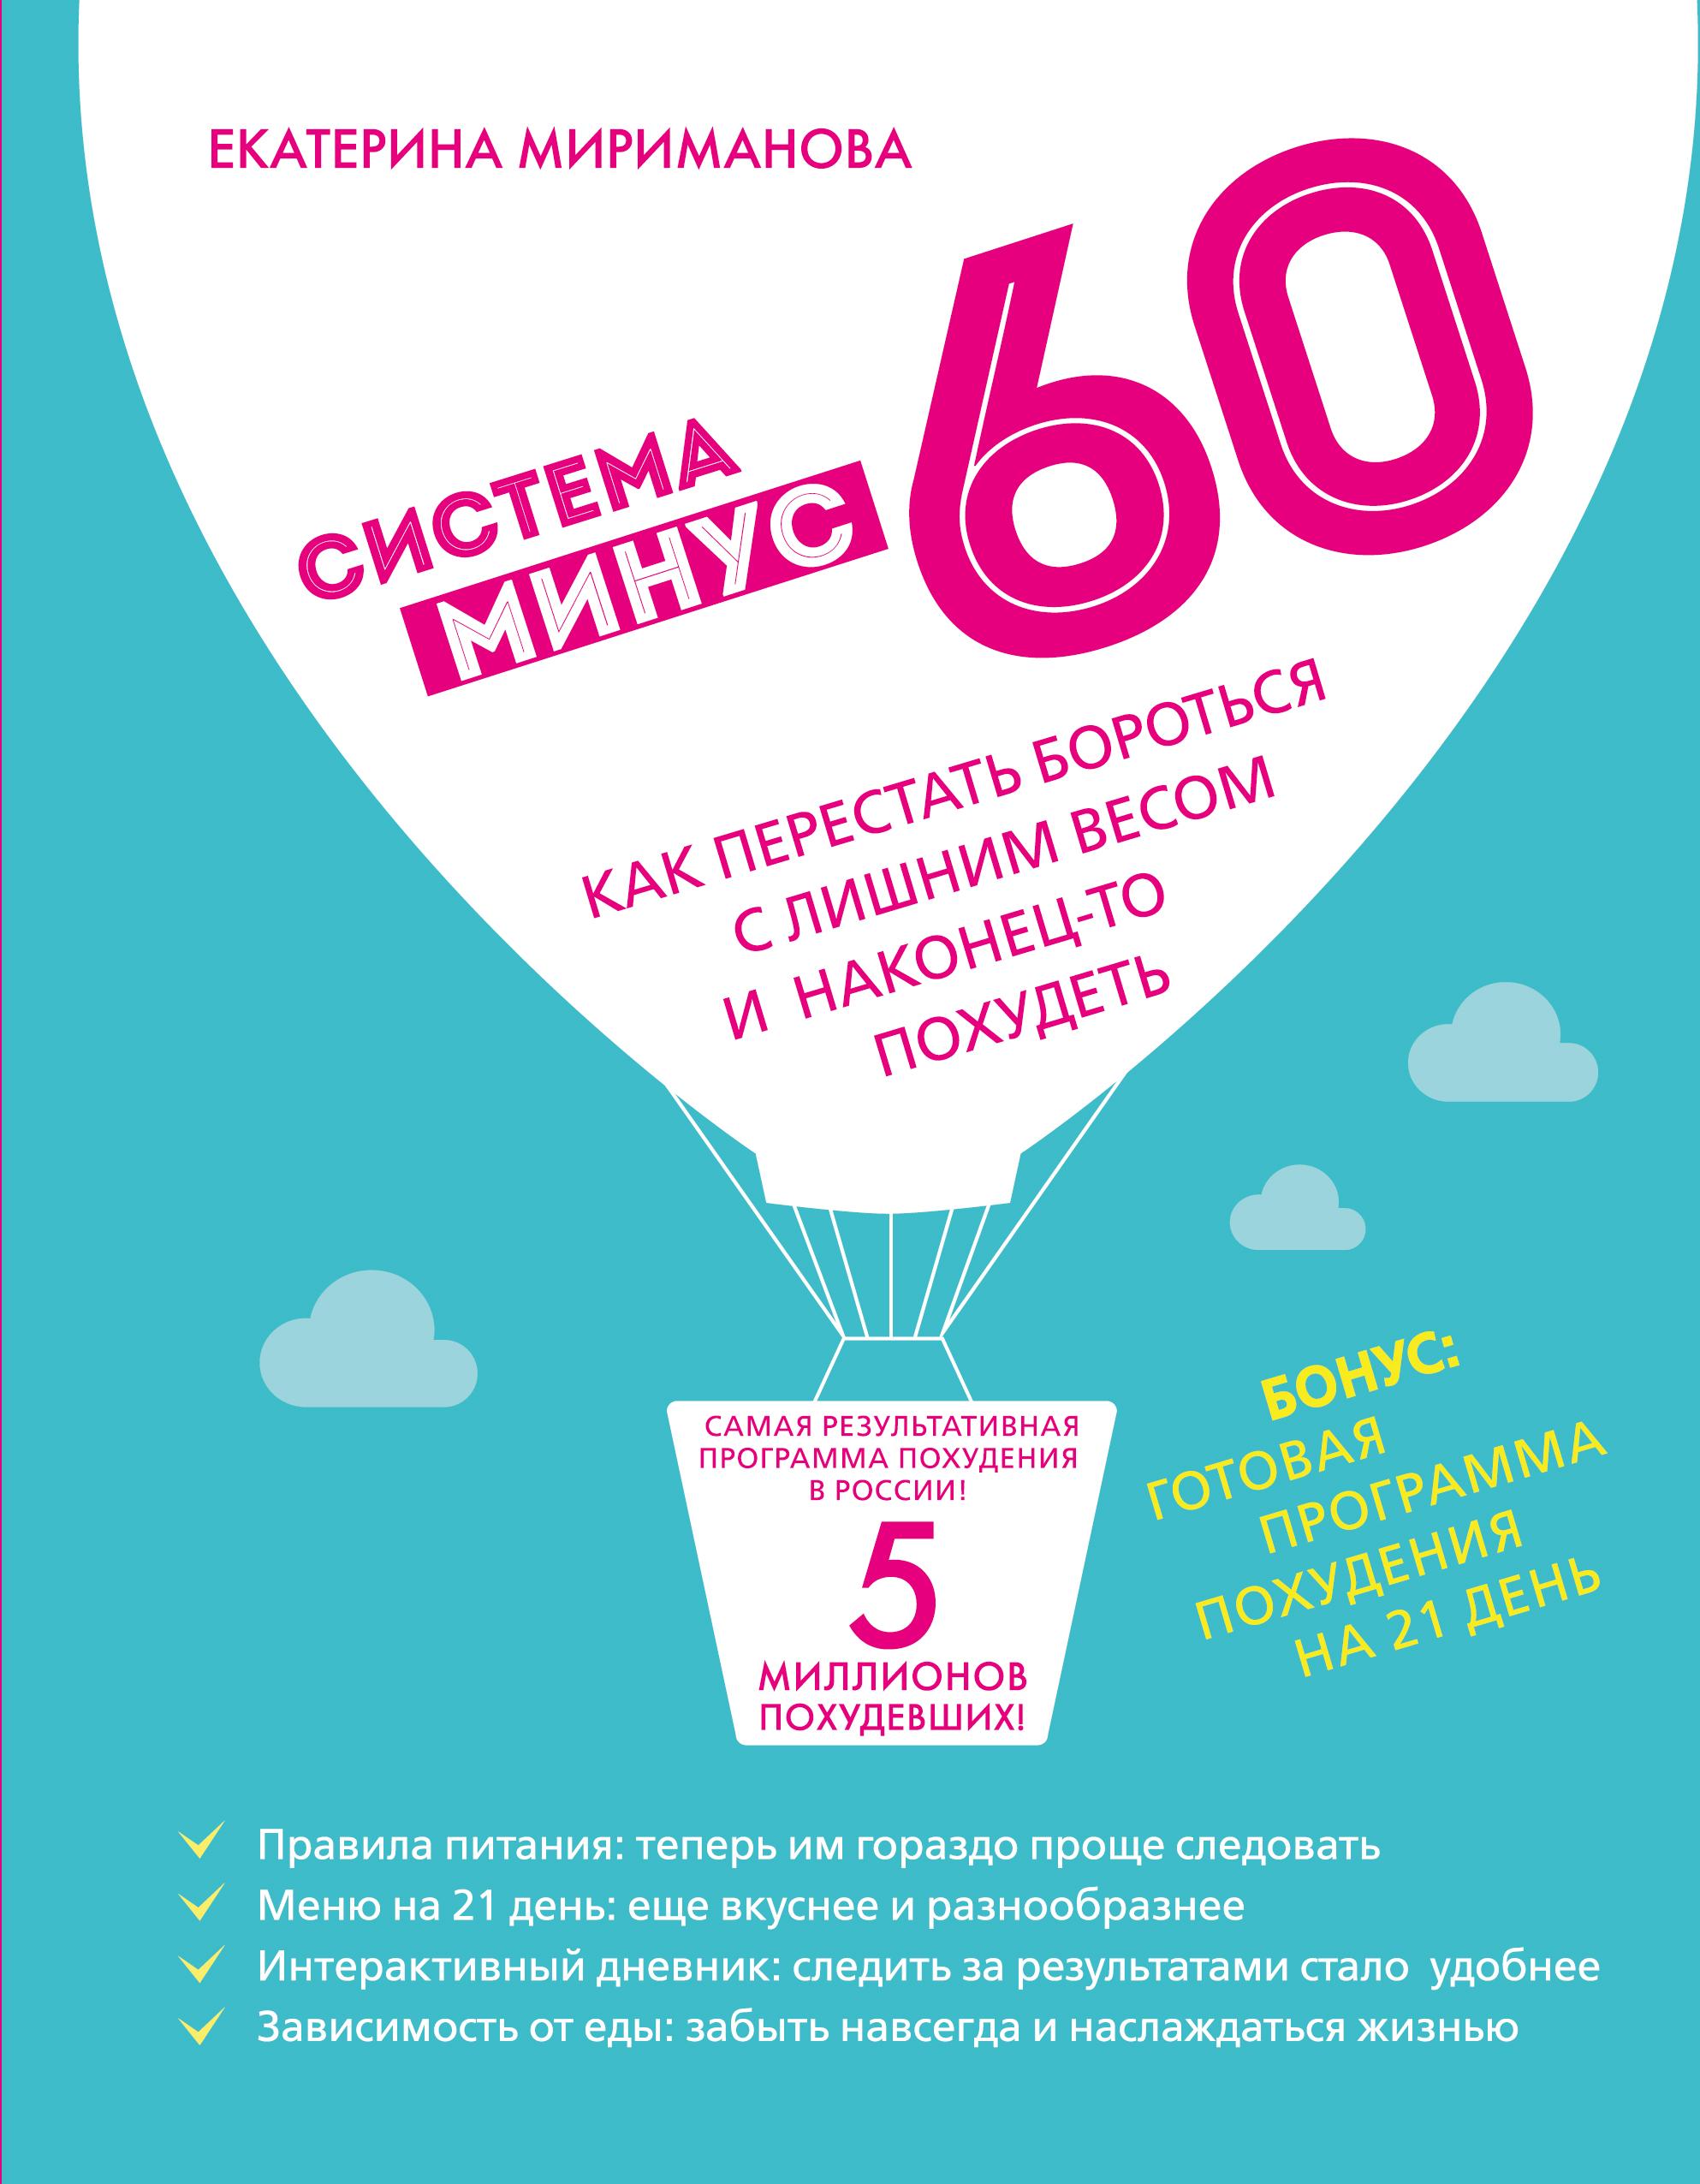 Программа Для Похудения 60. Ешьте все и худейте по системе «Минус 60»